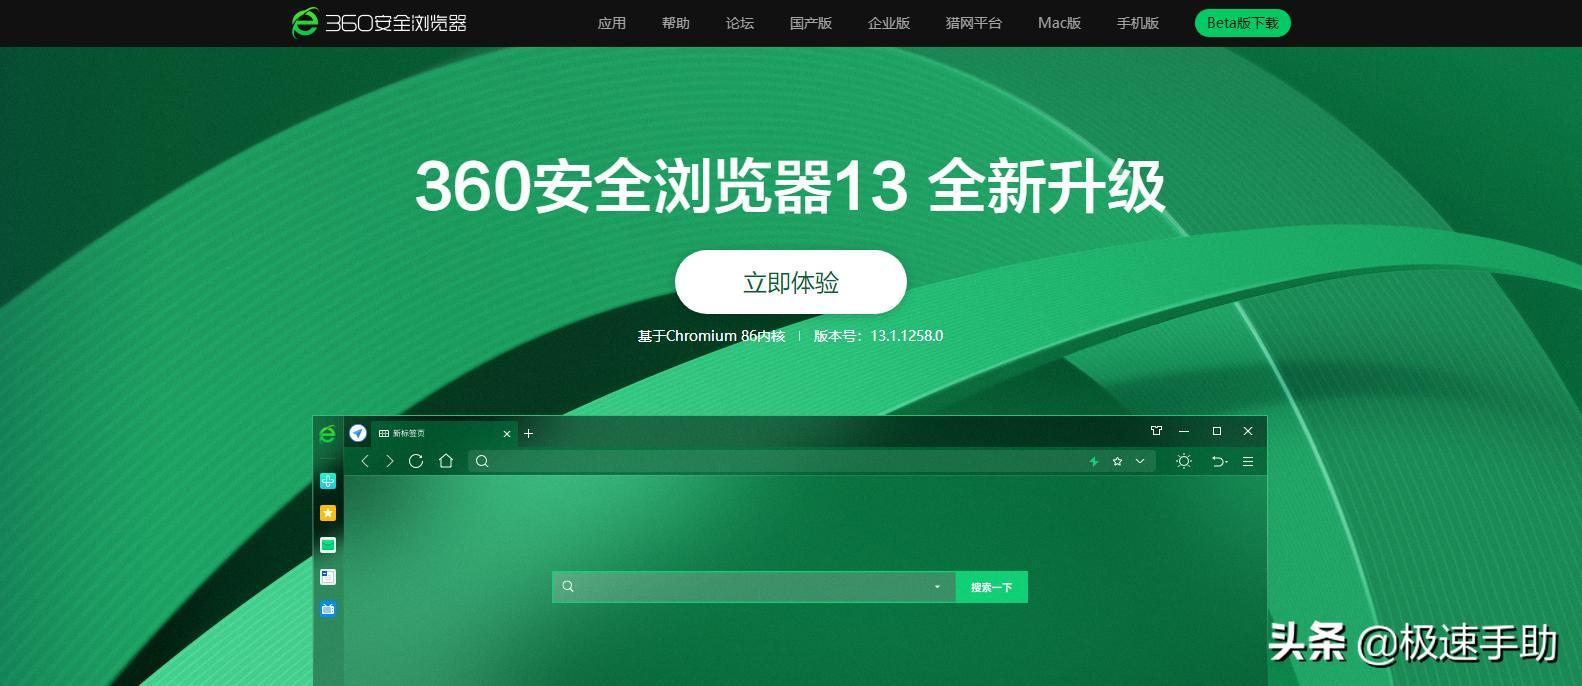 """60浏览器闪退(360浏览器打开马上关闭)"""""""